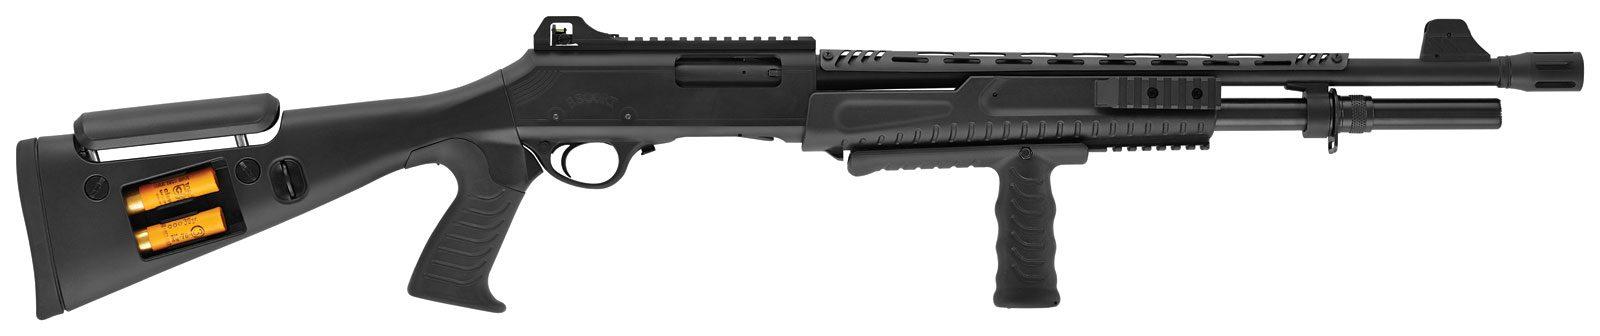 ESCORT Gladius MP20